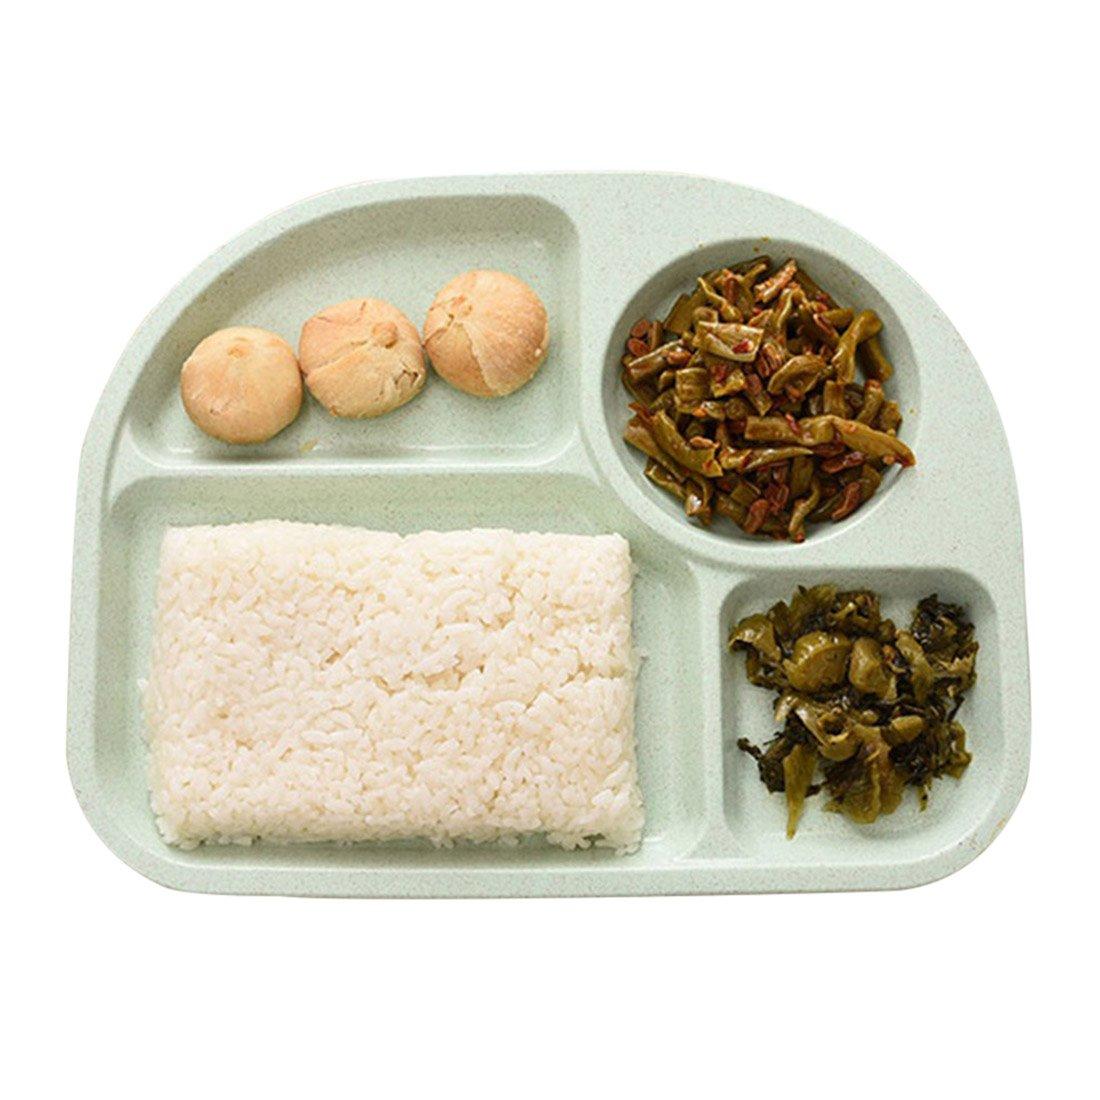 Zhaoke Assiette B/éb/é avec 4 Compartiments Bord Lisse Beige